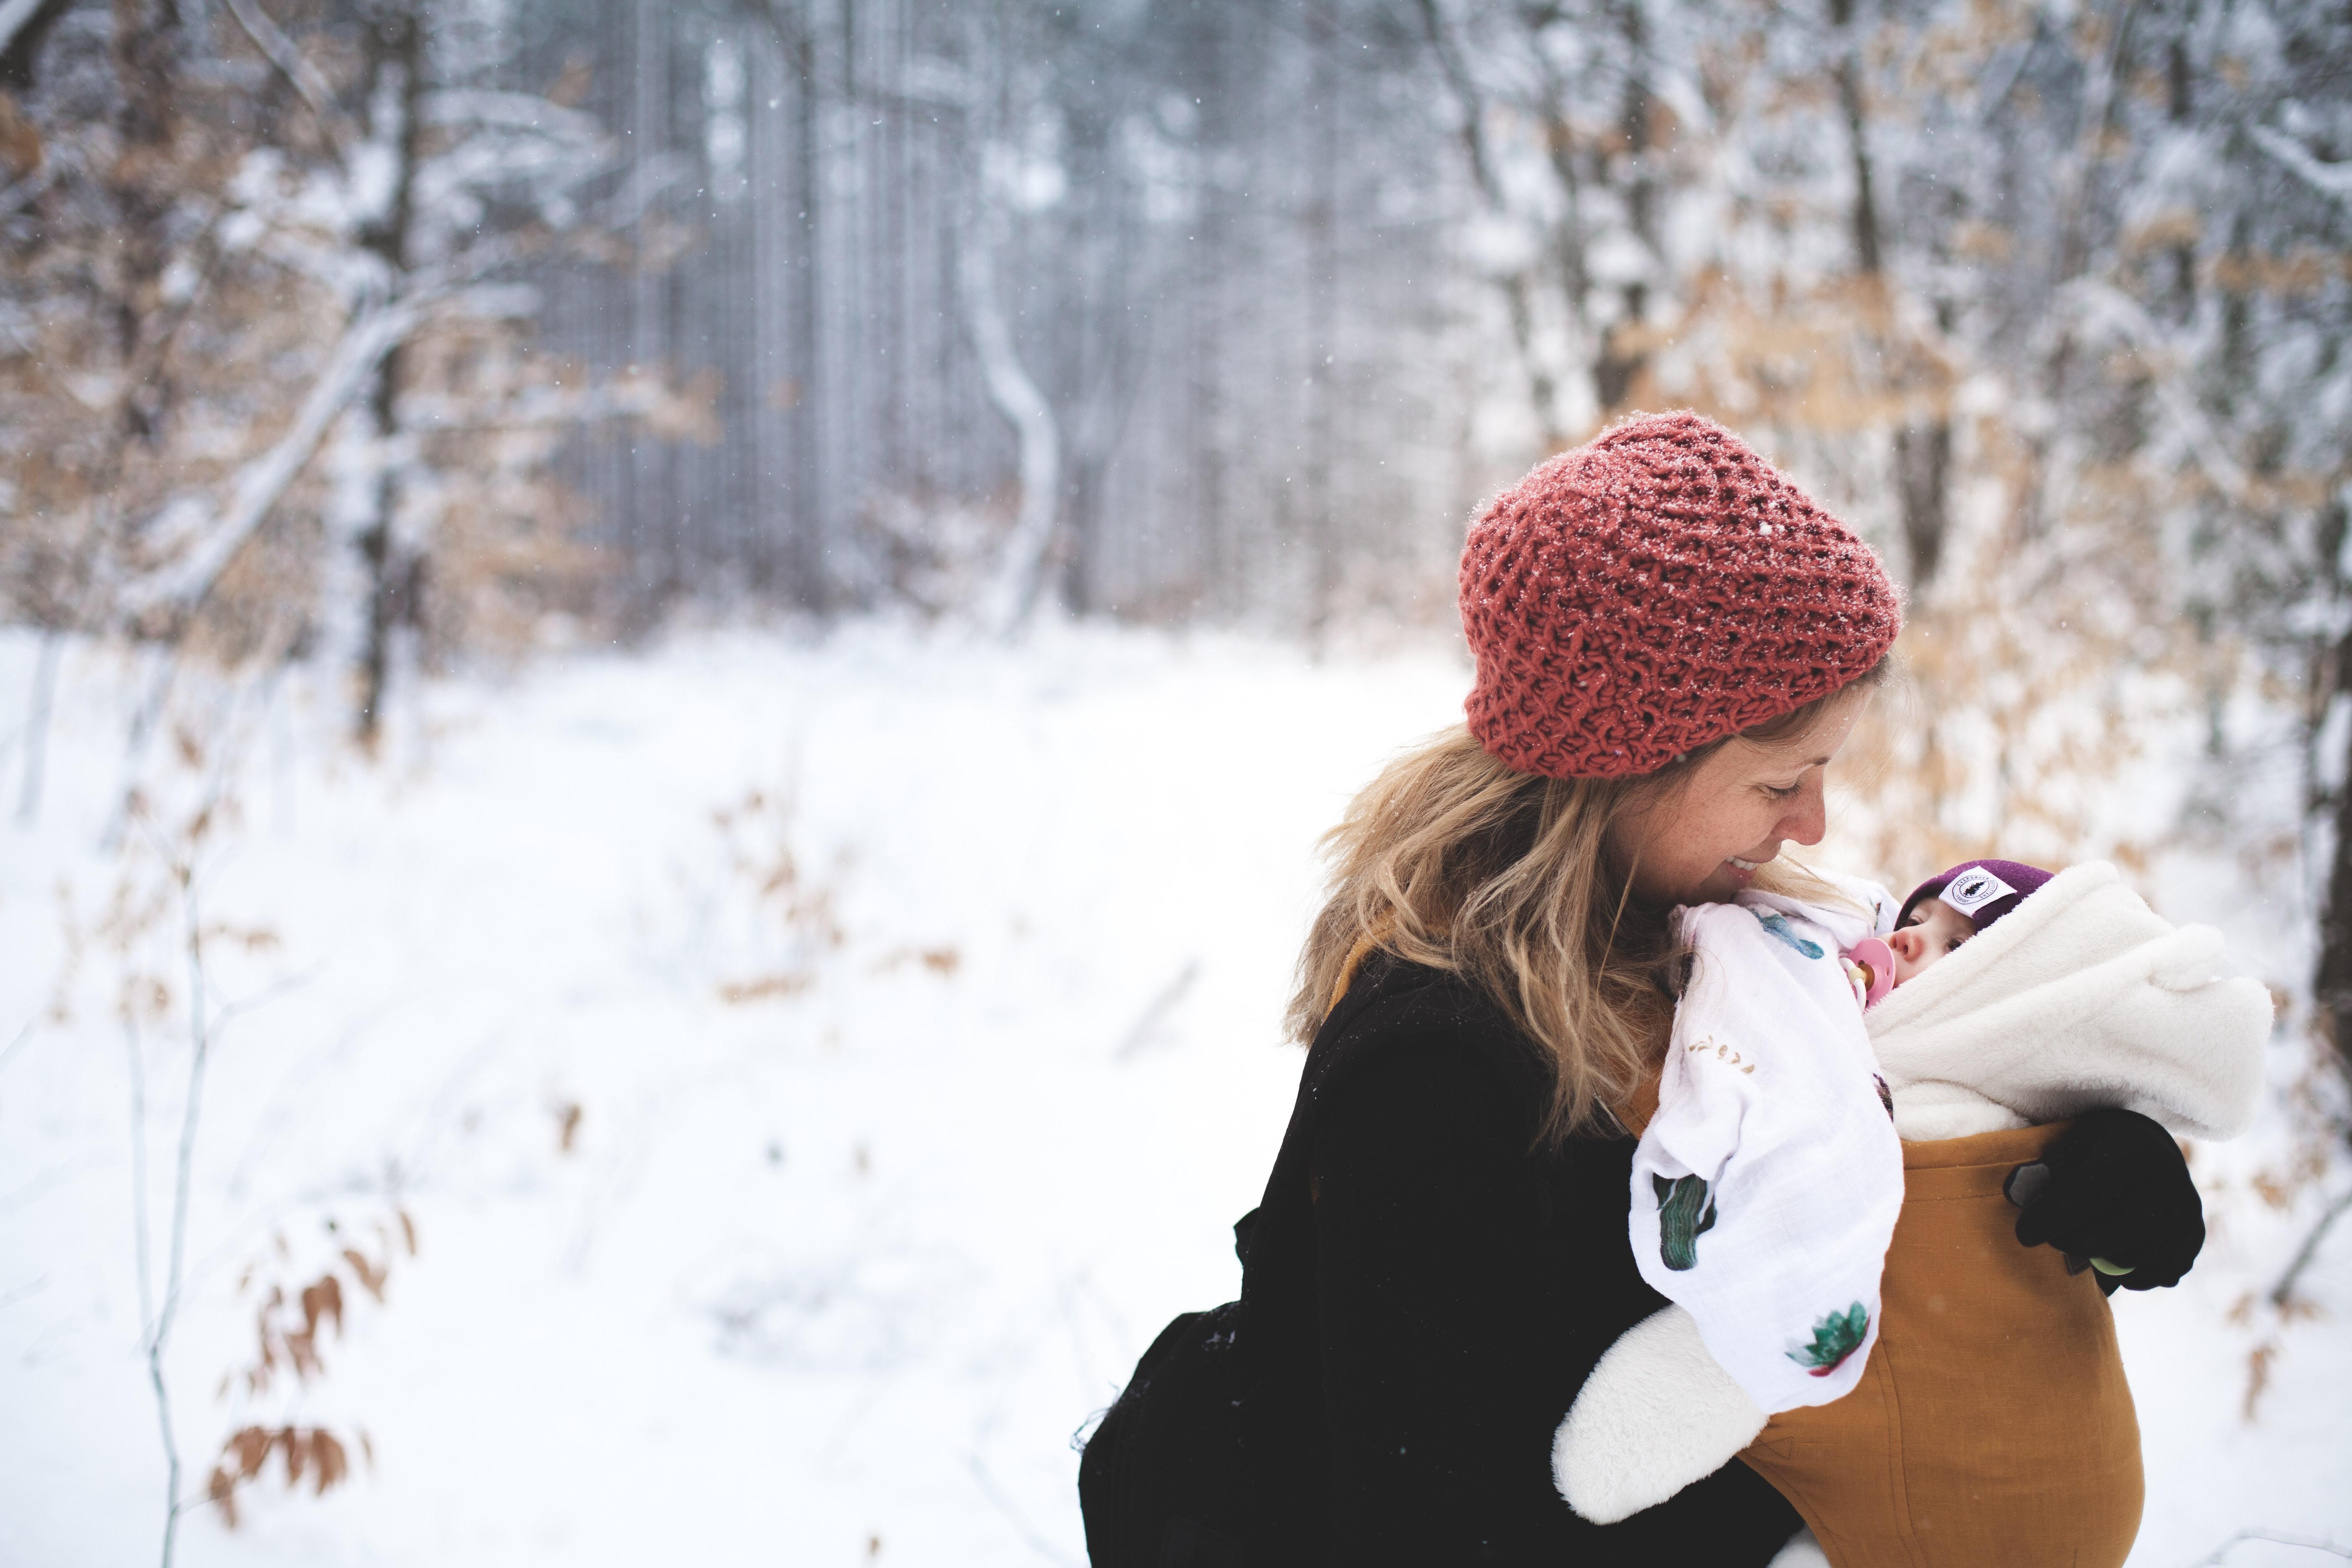 Tanie kurtki zimowe dla dzieci – modne kurtki na każdą kieszeń